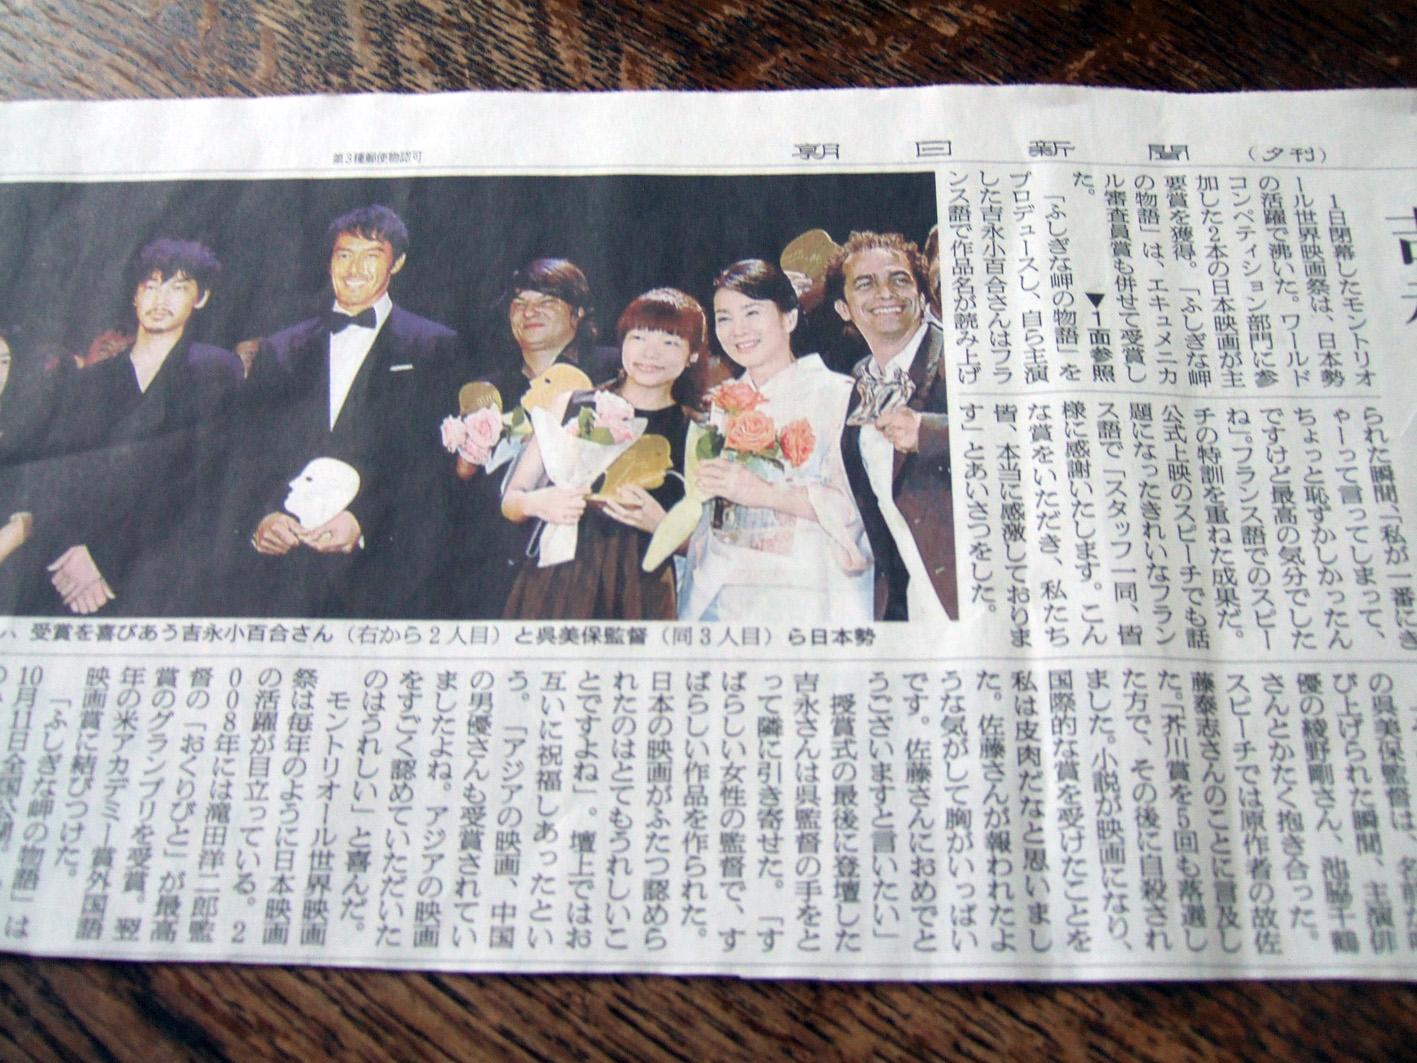 2014年9月2日『朝日新聞』夕刊の呉美保監督の記事